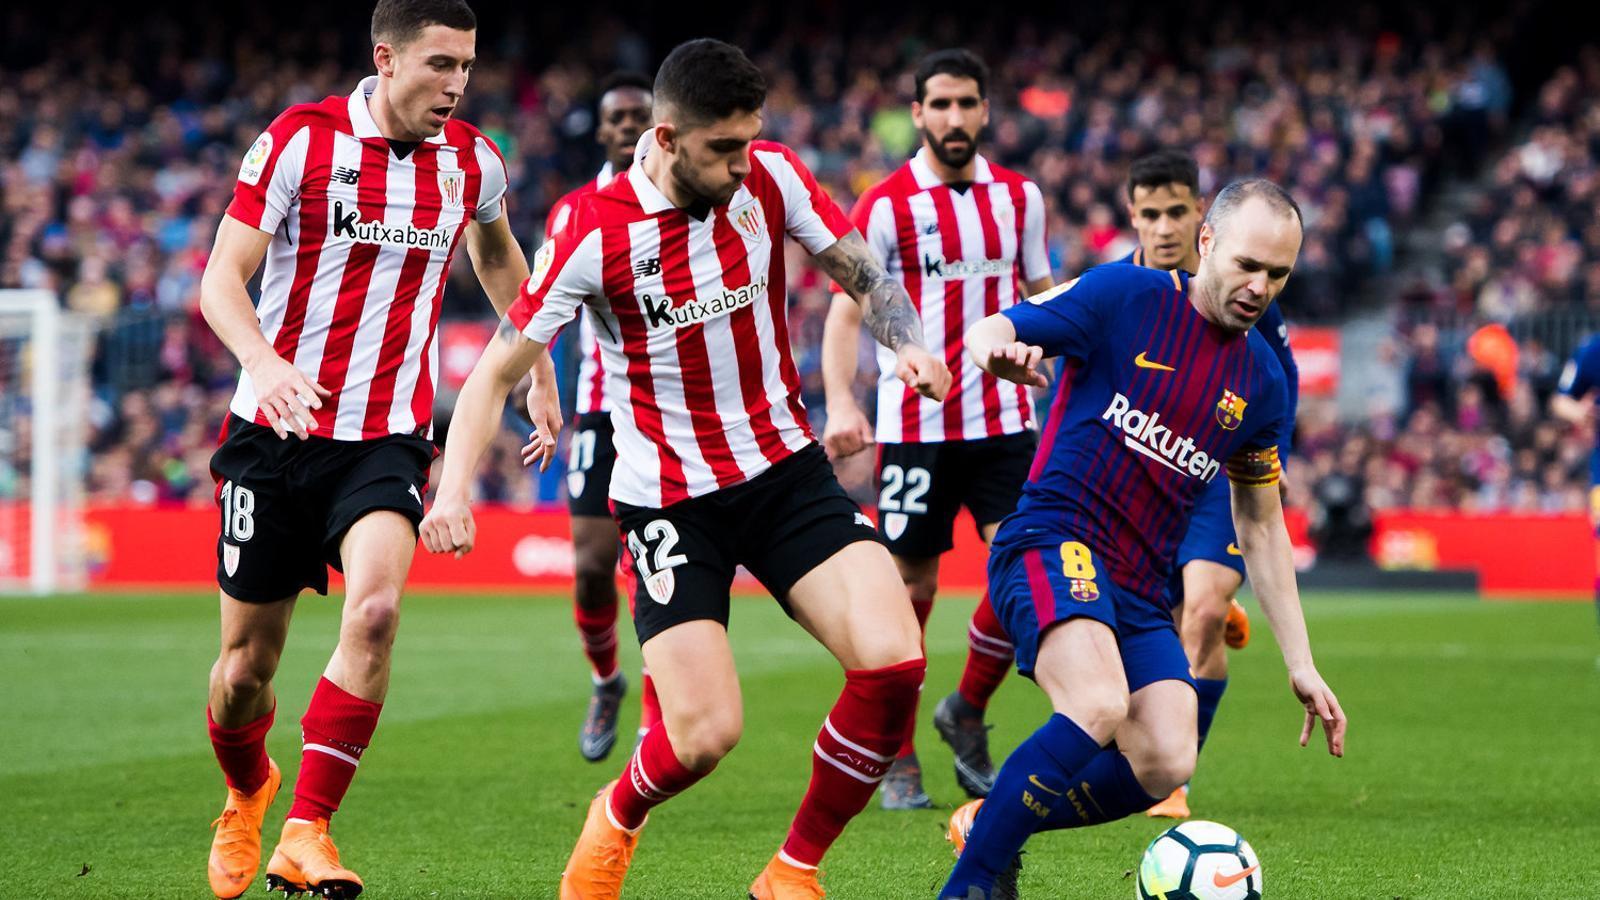 El Camp Nou fa força perquè Iniesta es quedi